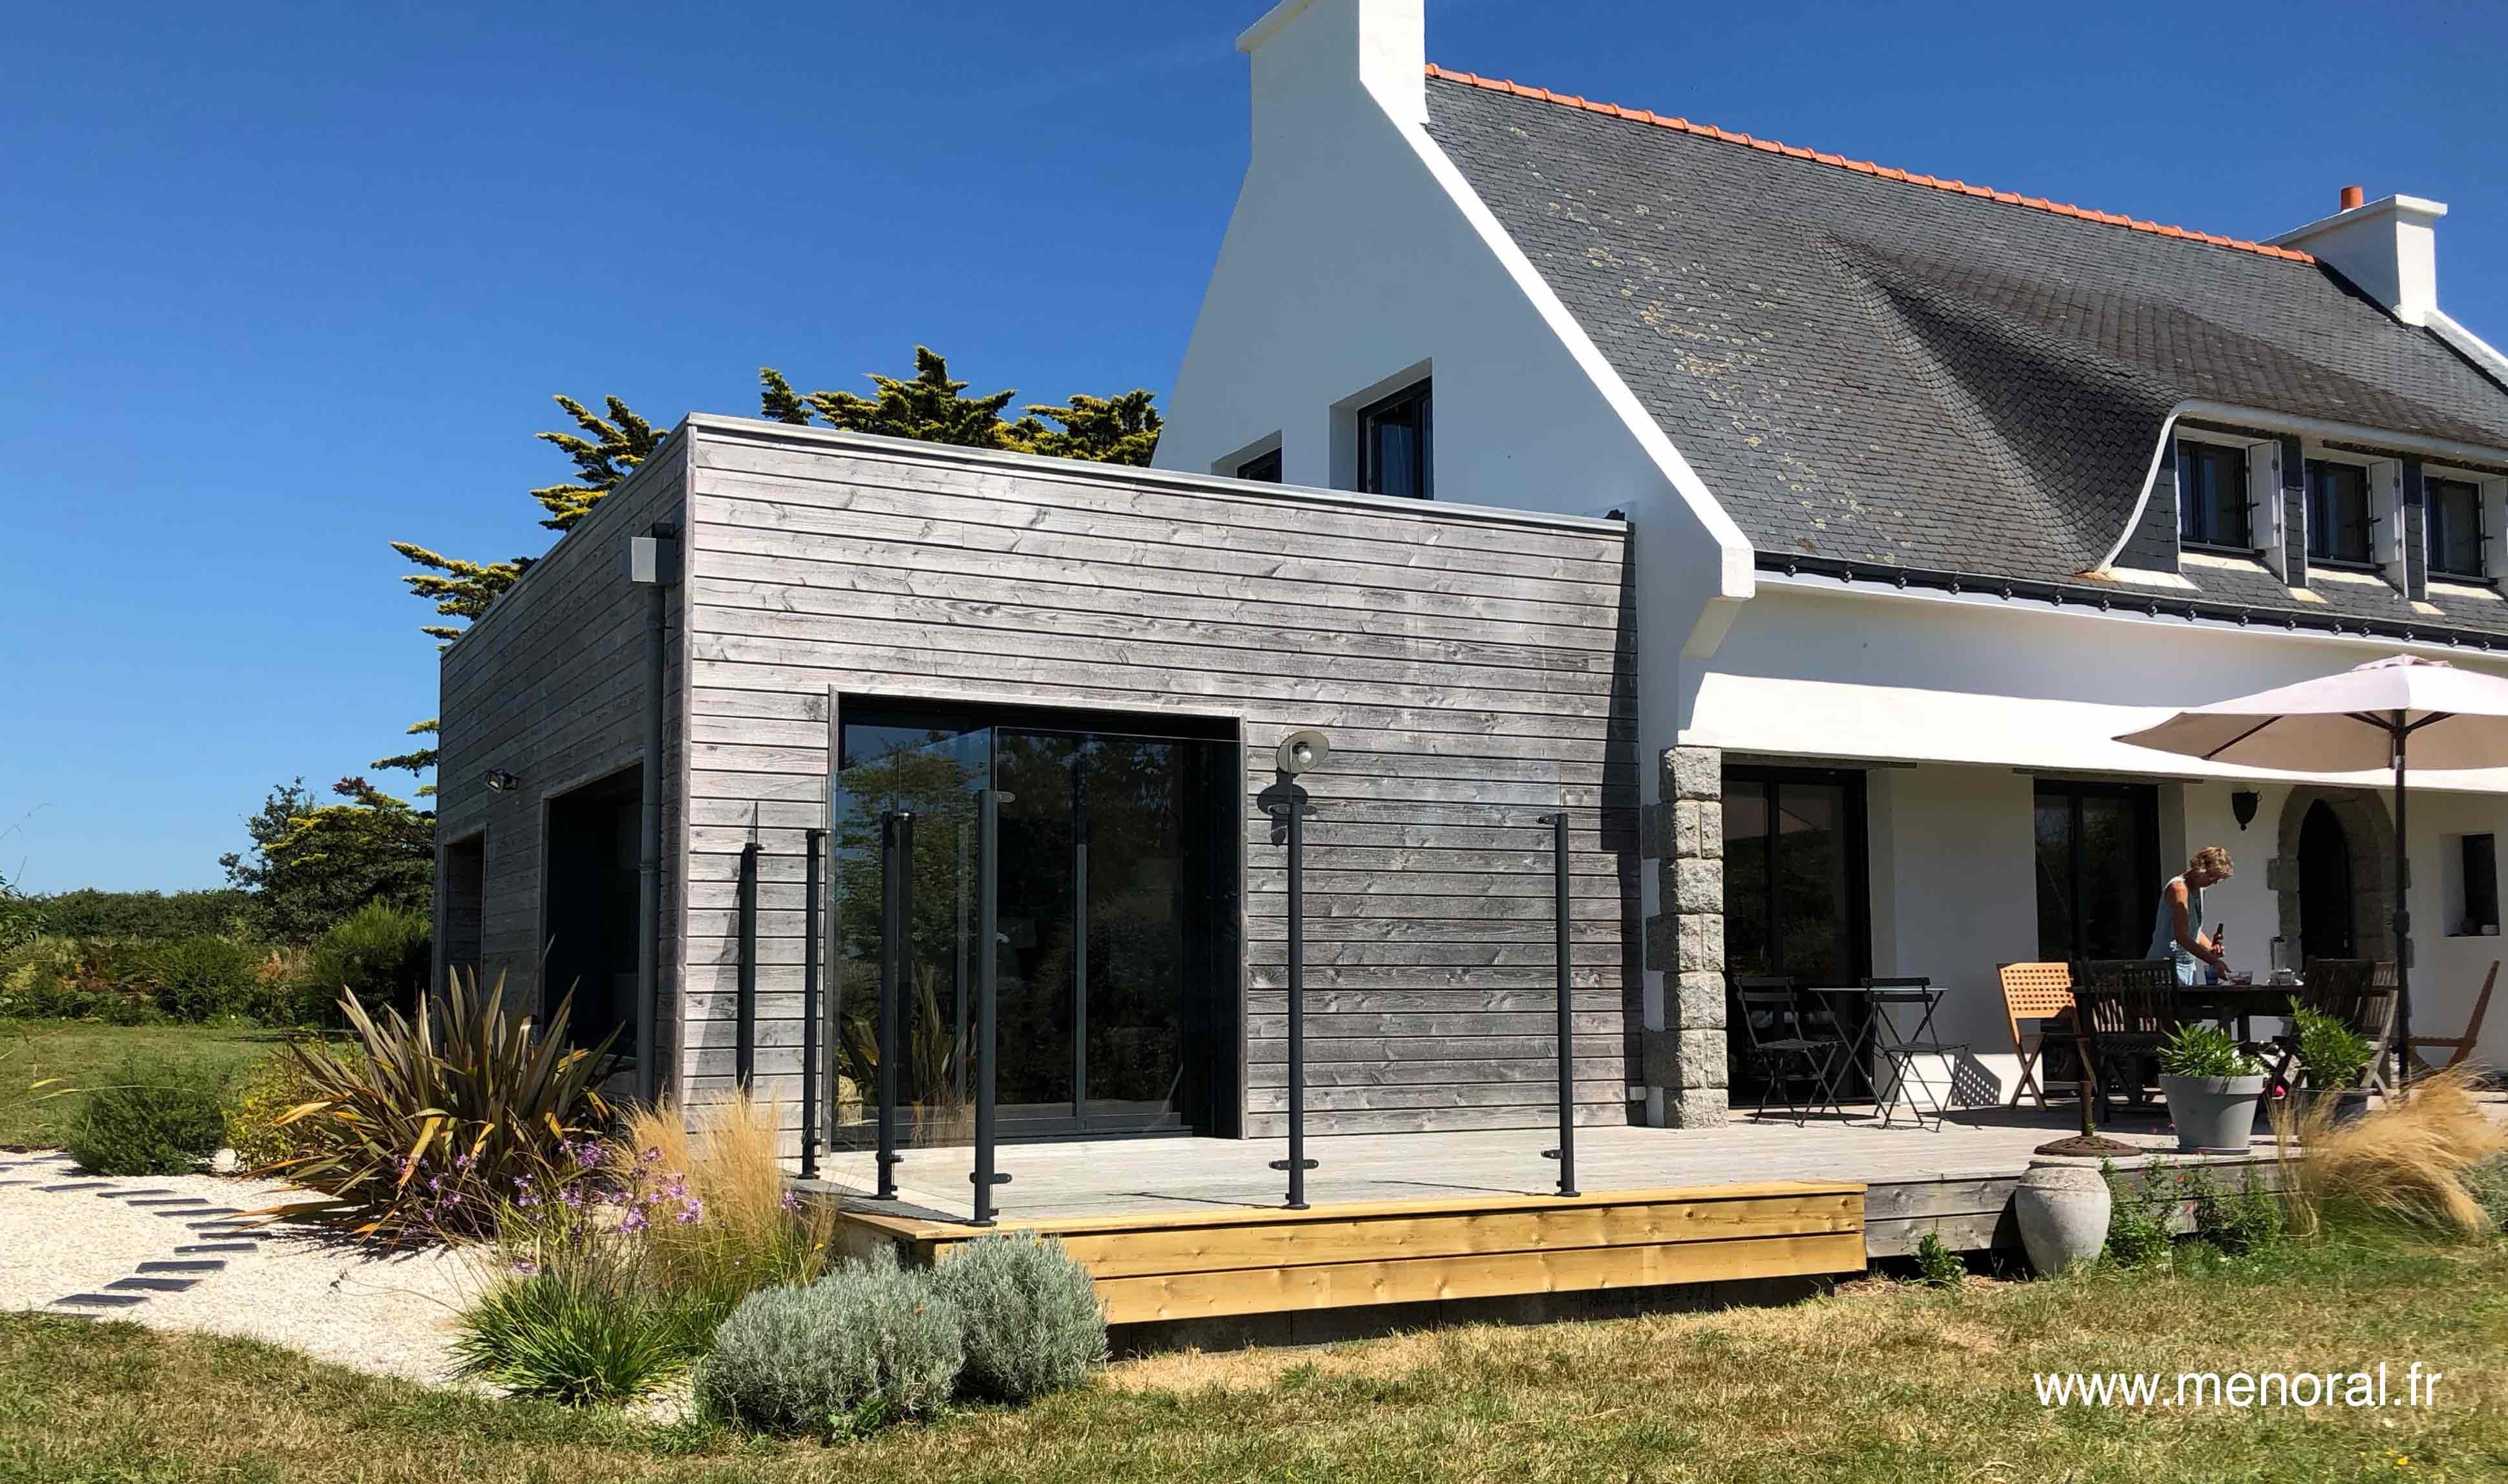 Agrandissement Maison Néo Bretonne pare-vent en verre sans cadre menoral sur terrasse en bois à